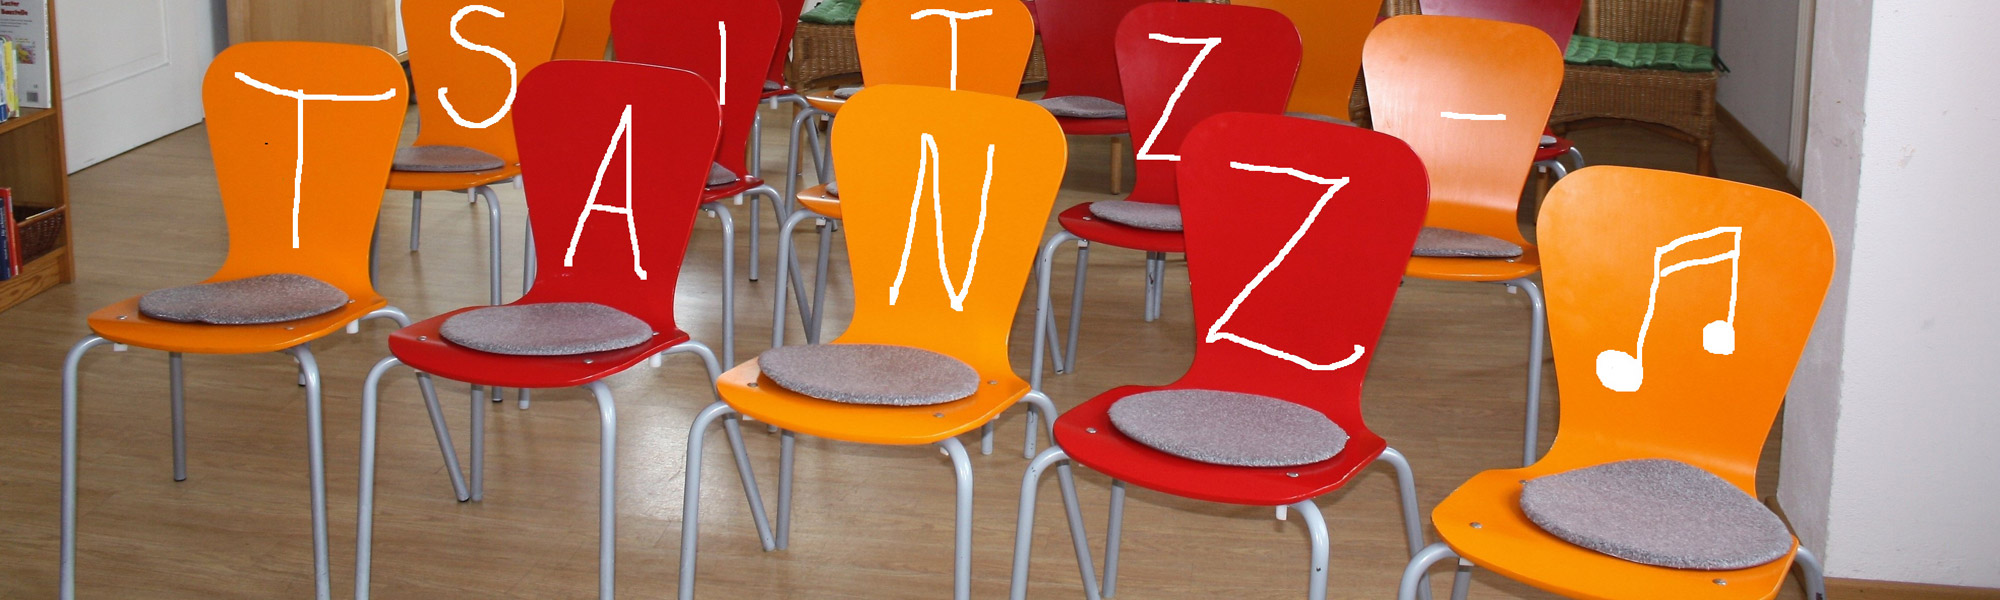 Stühle für Sitztanz